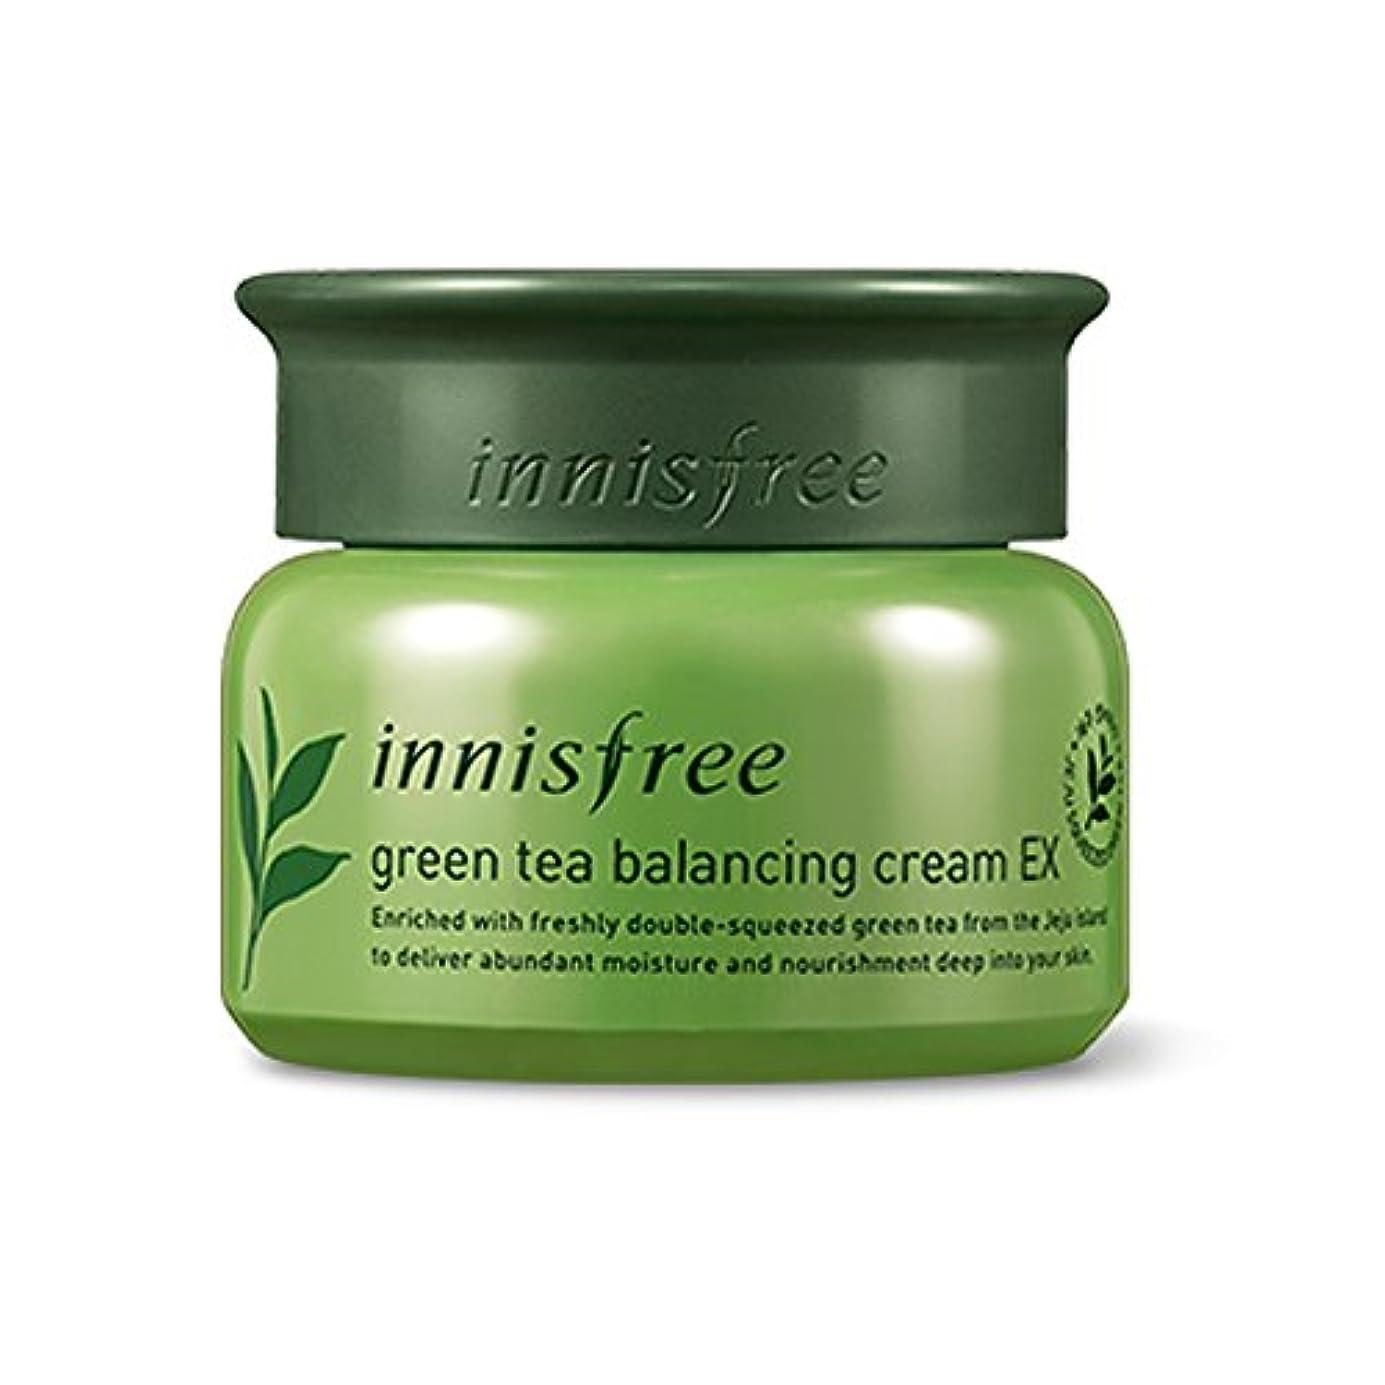 無限大最悪リファインイニスフリーグリーンティーバランスクリーム50ml「2018新製品」 Innisfree Green Tea Balancing Cream 50ml